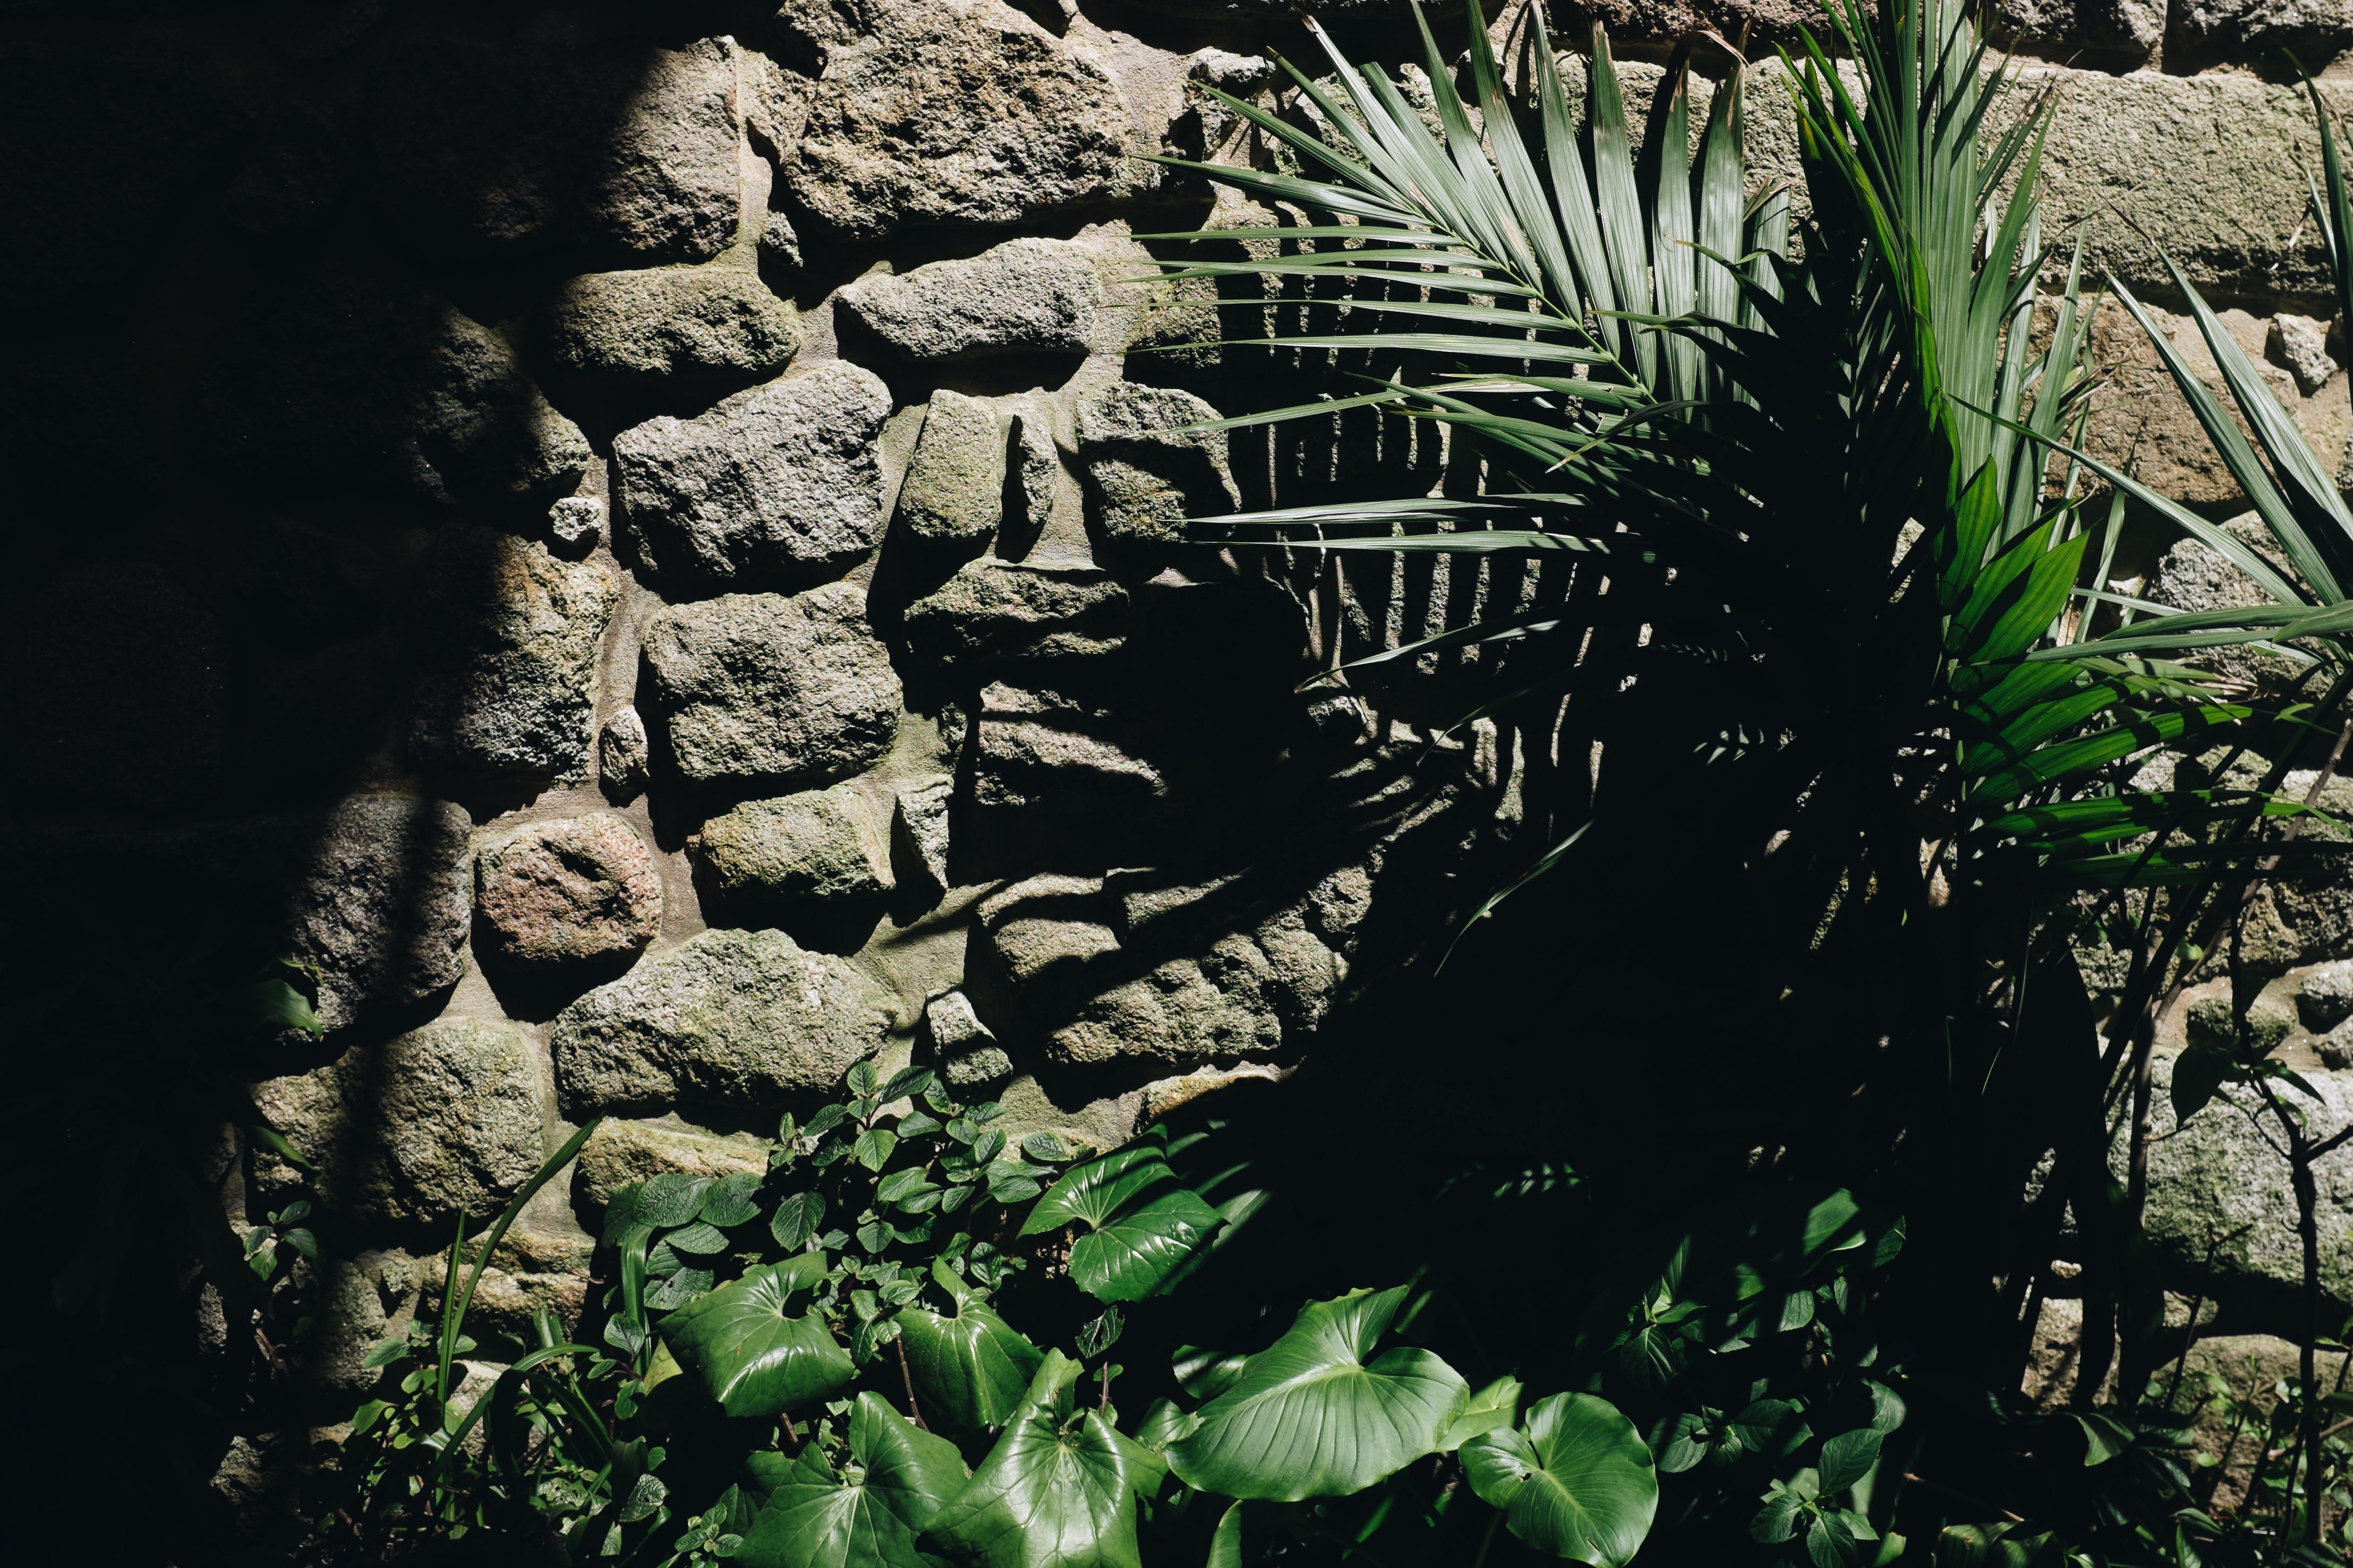 Gratis lagerfoto af have, plante, sten